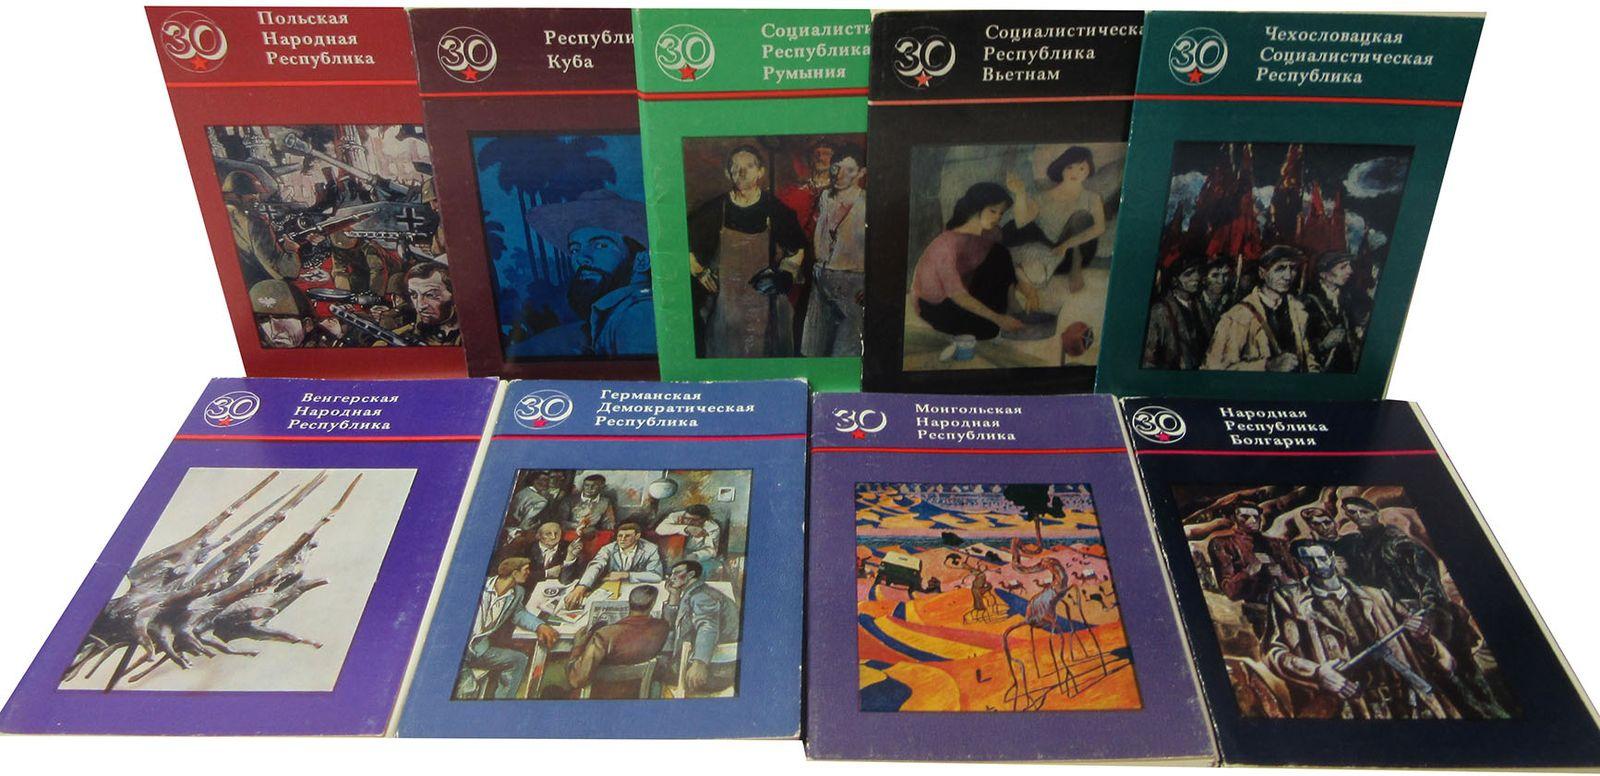 Серия 30 победных лет  (комплект из 9 наборов открыток) европейские редкие монеты набор из 16 открыток